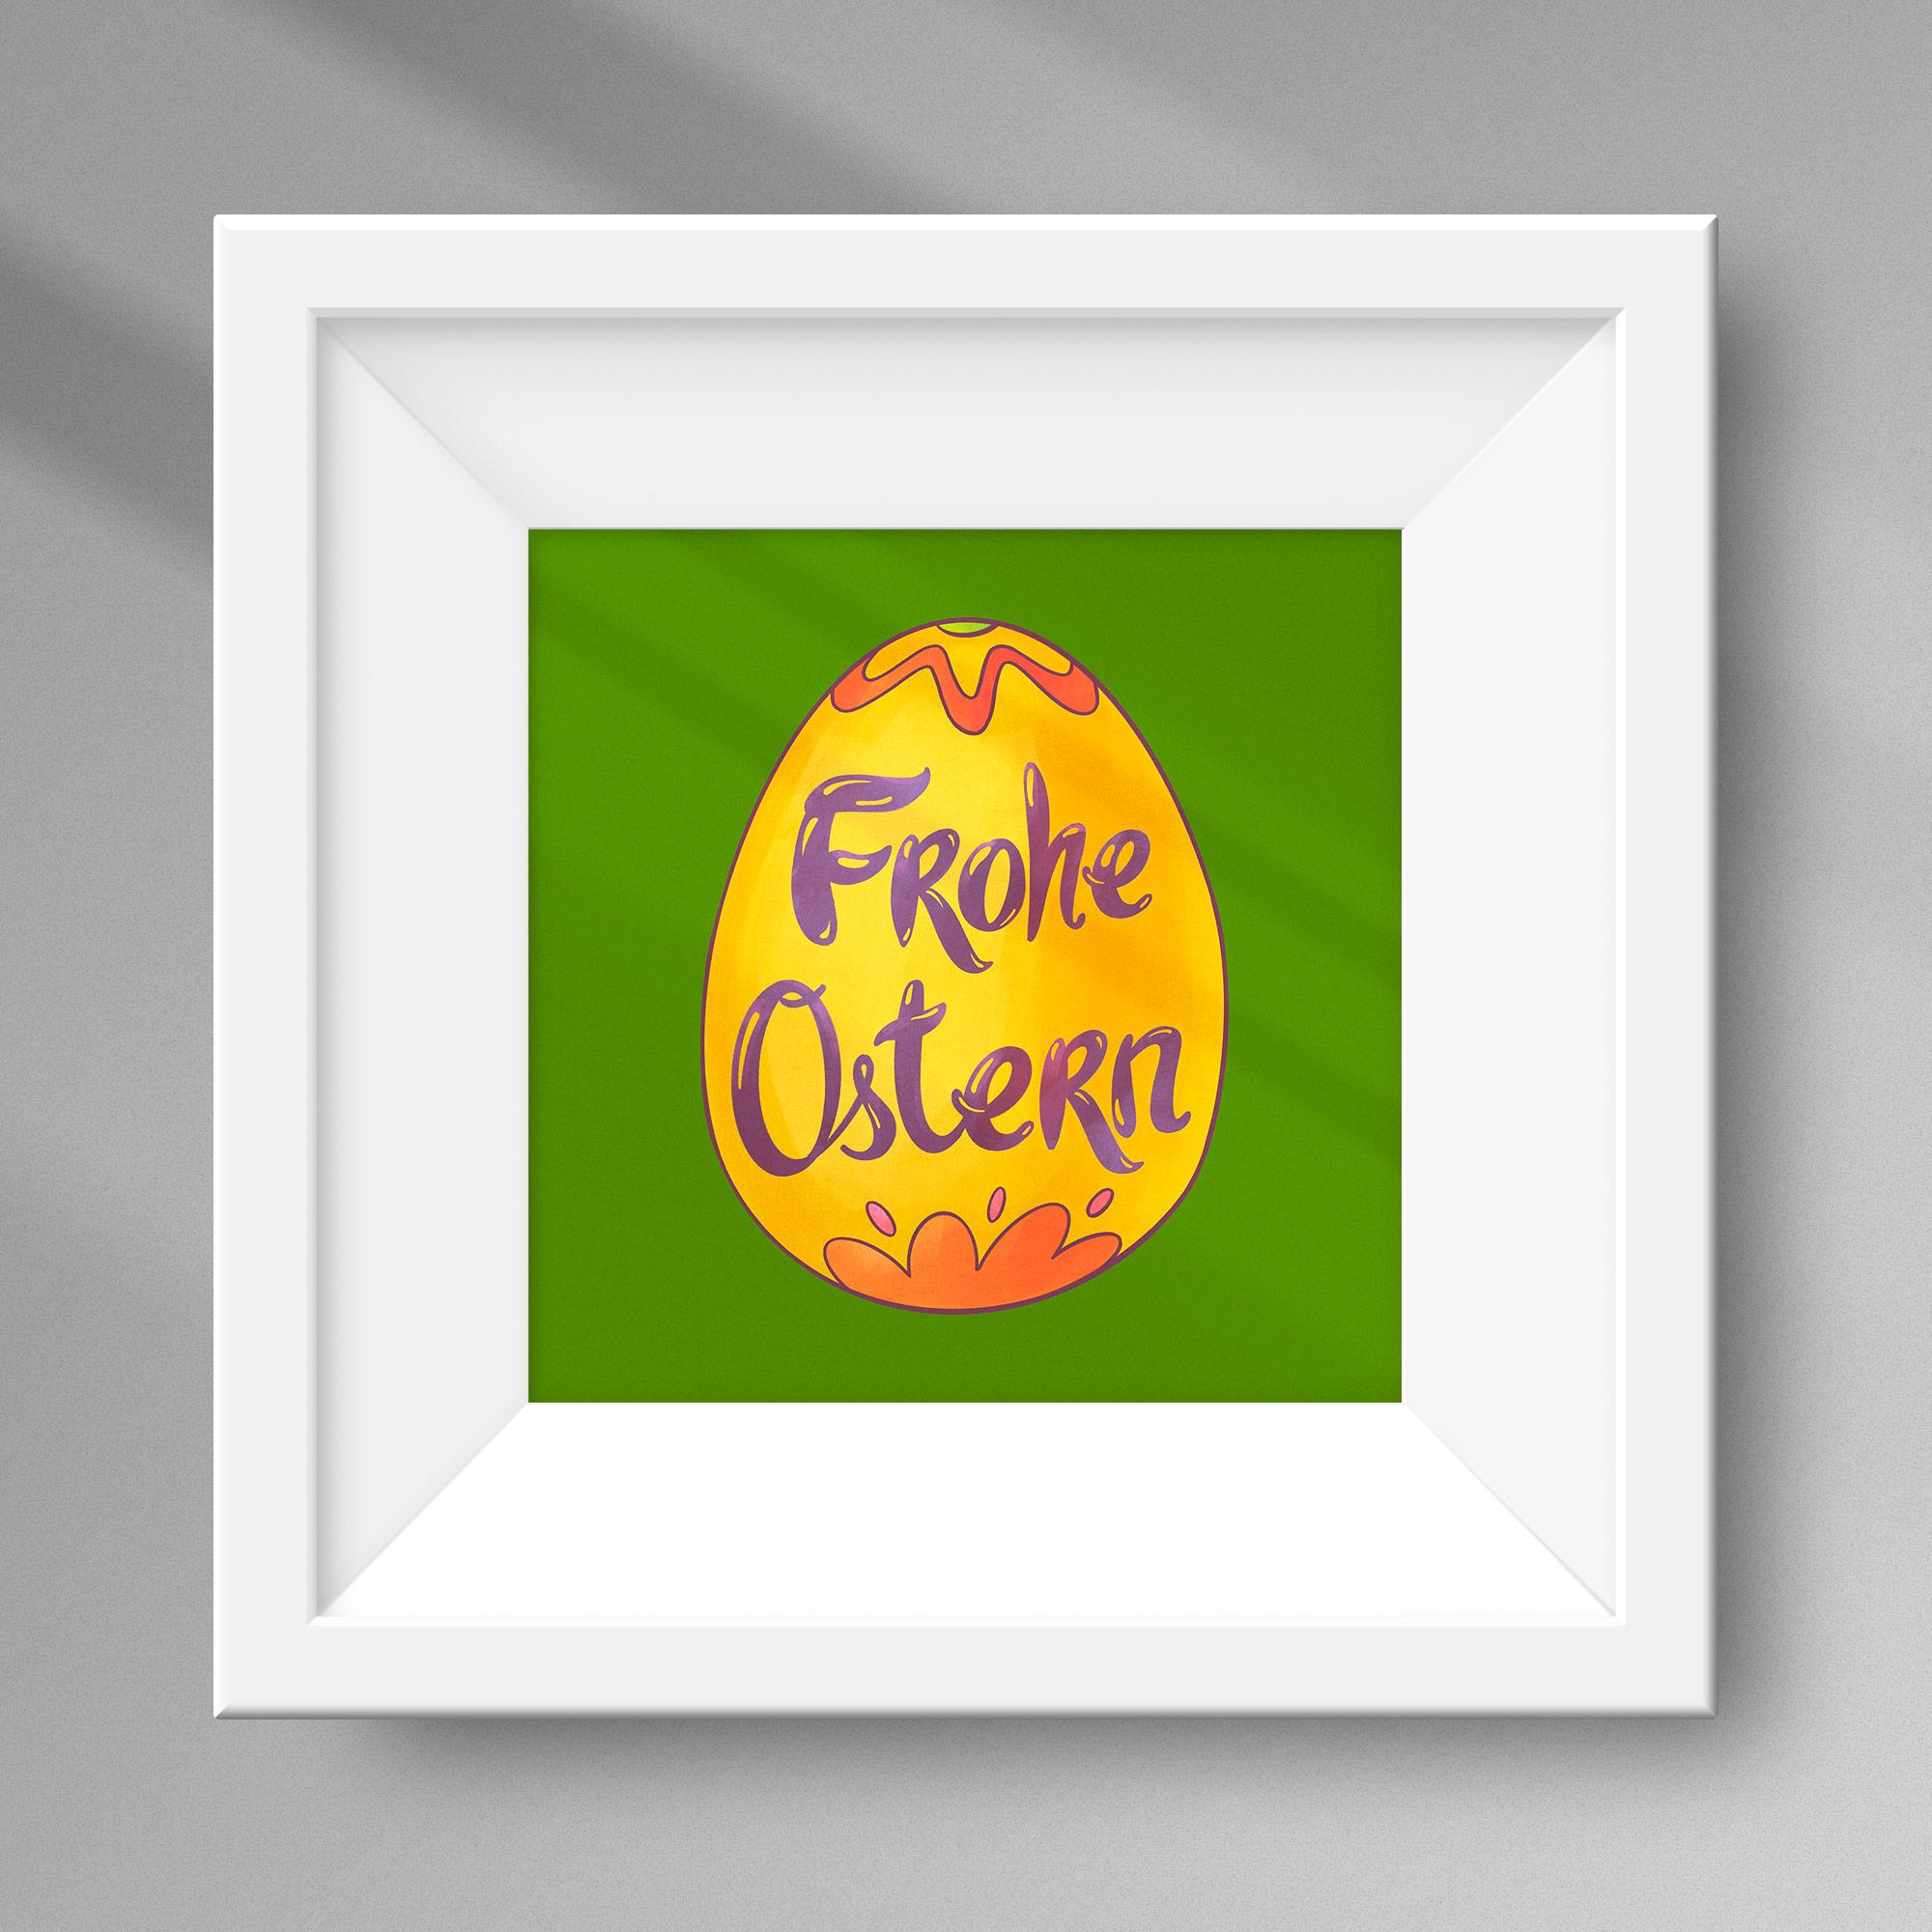 Grafik eines Ostereis vor grünem Hintergrund, eingerahmt